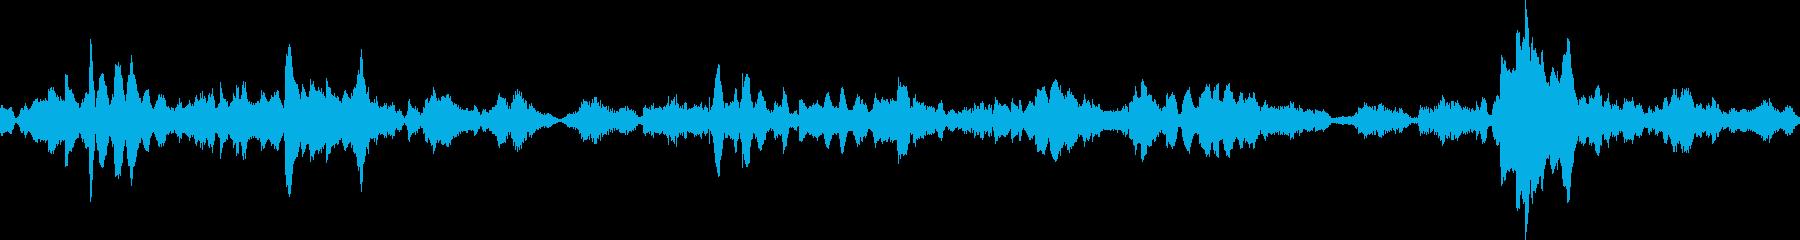 エスニックMS20 1003 ZGの再生済みの波形